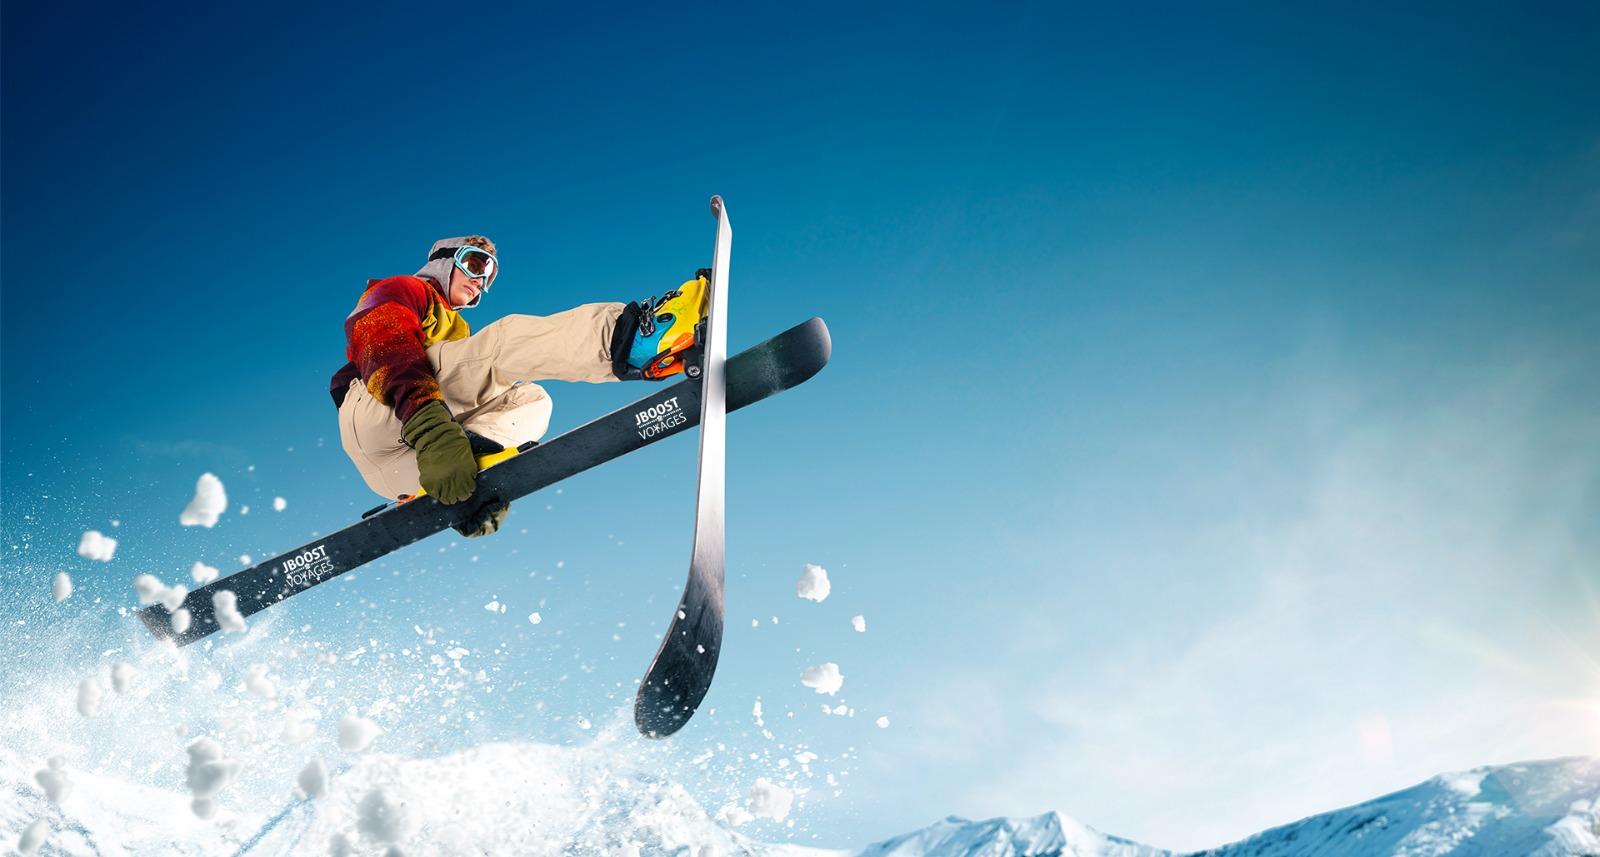 Loisirel ski cacher Décembre